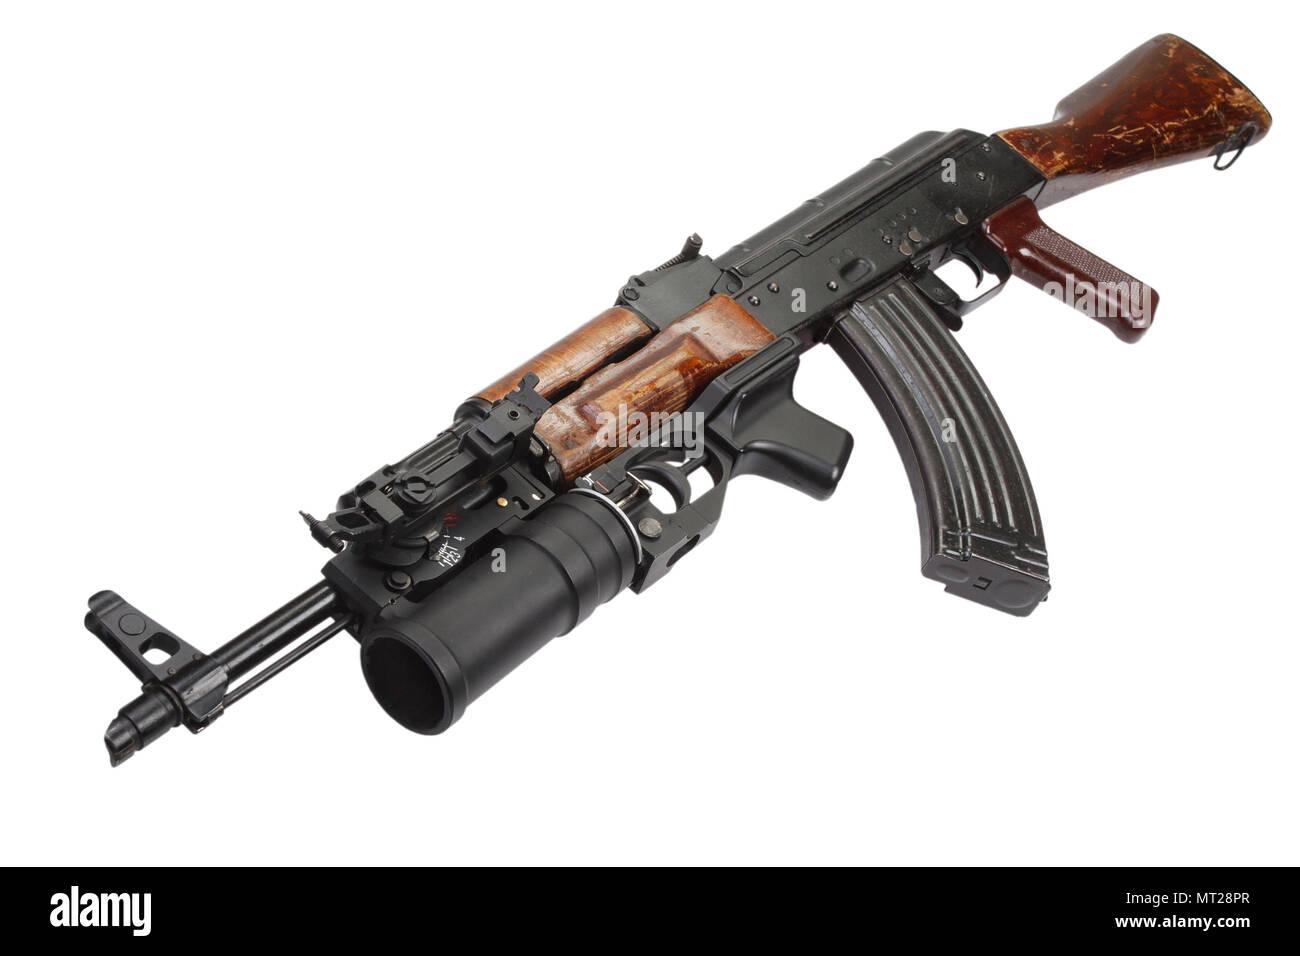 40mm Grenade Launcher Stock Photos & 40mm Grenade Launcher Stock